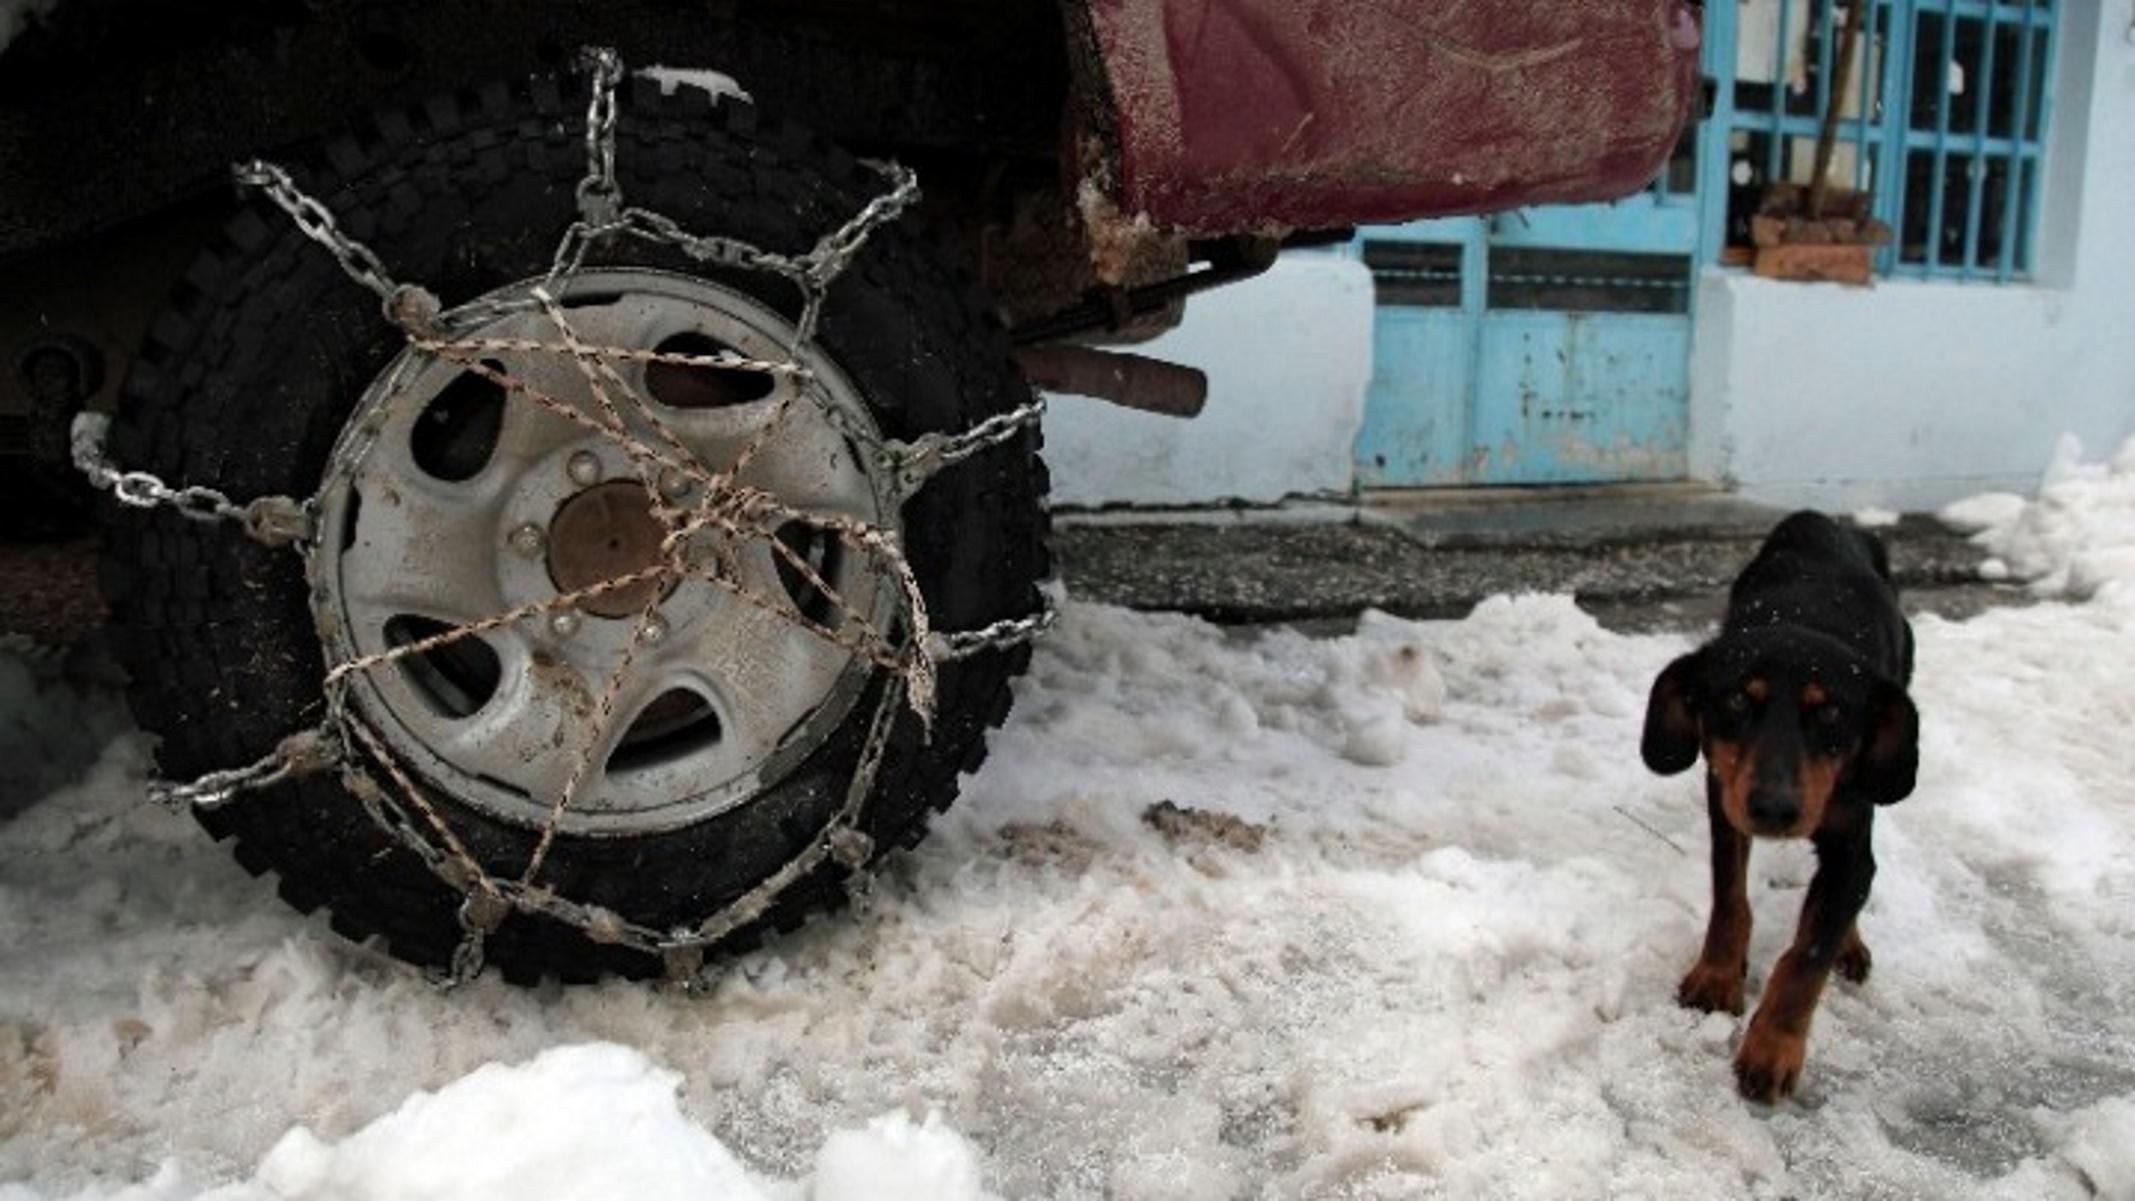 Καιρός – Δυτική Μακεδονία: Επελαύνει ο χιονιάς – Πού χρειάζονται αντιολισθητικές αλυσίδες